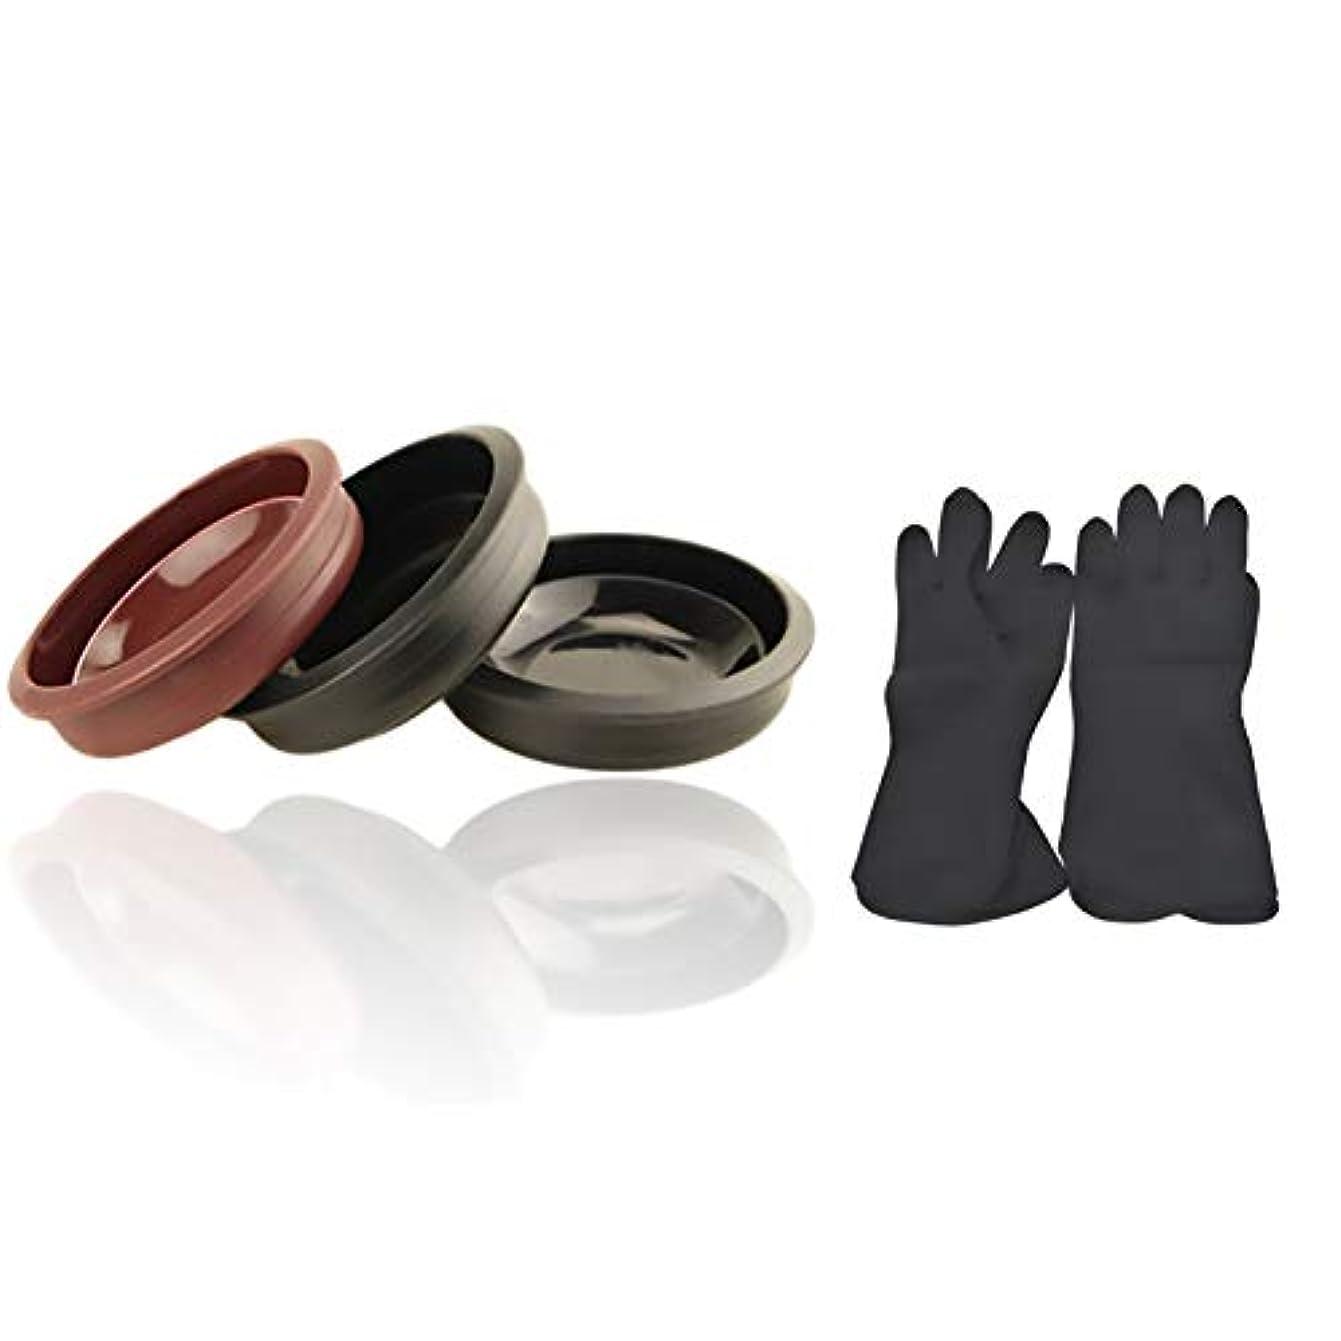 熱規則性入学するTofover 3ピースヘアカラーミキシングボウルと20カウントヘアダイ手袋、黒の再利用可能なゴム手袋、ヘアサロンヘア染色のためのプロのヘアカラーツールキット